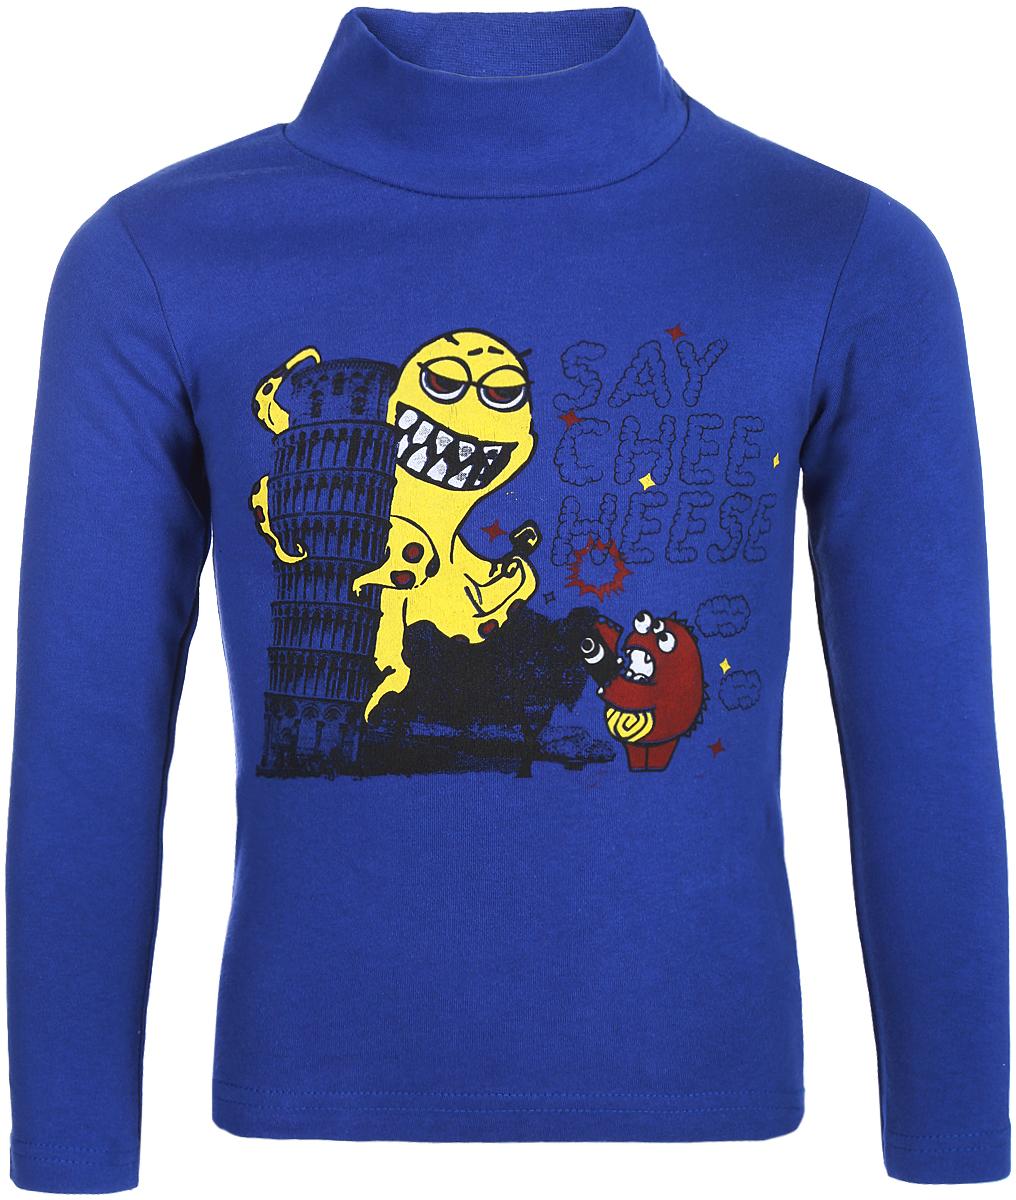 Водолазка для мальчика Arge Fashion, цвет: синий. MRM-15B-42 7003-4. Размер 110MRM-15B-42 7003-4Водолазка для мальчика Arge Fashion выполнена из 100% хлопка. Модель имеет воротник гольф и длинные рукава, на груди оформлена ярким принтом.